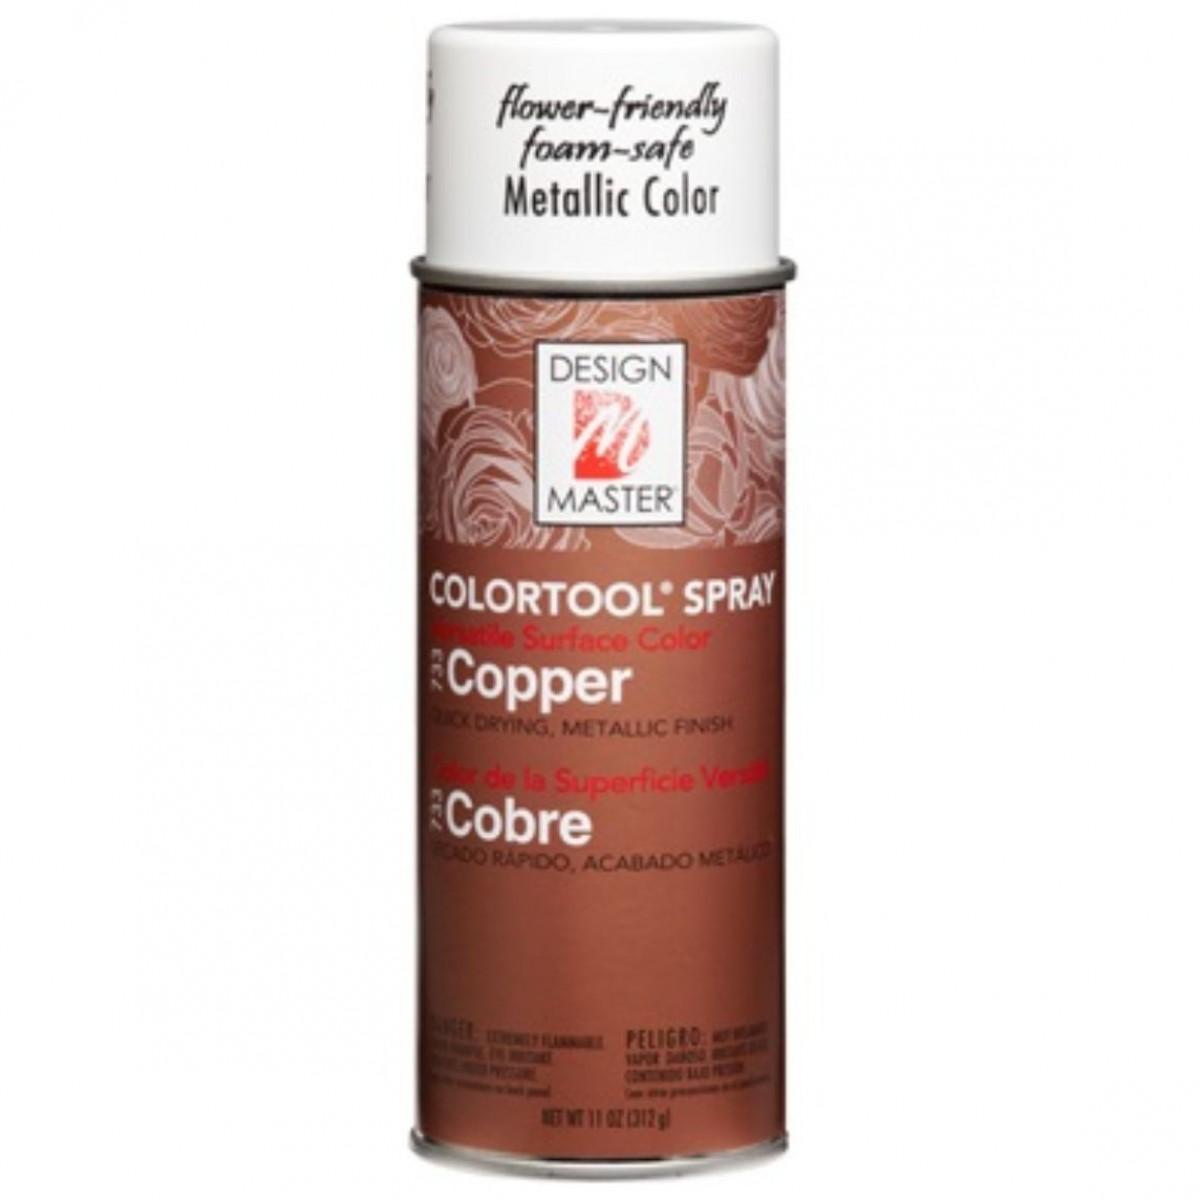 733 Copper DM Metallic Colour Spray Paint - 1 No